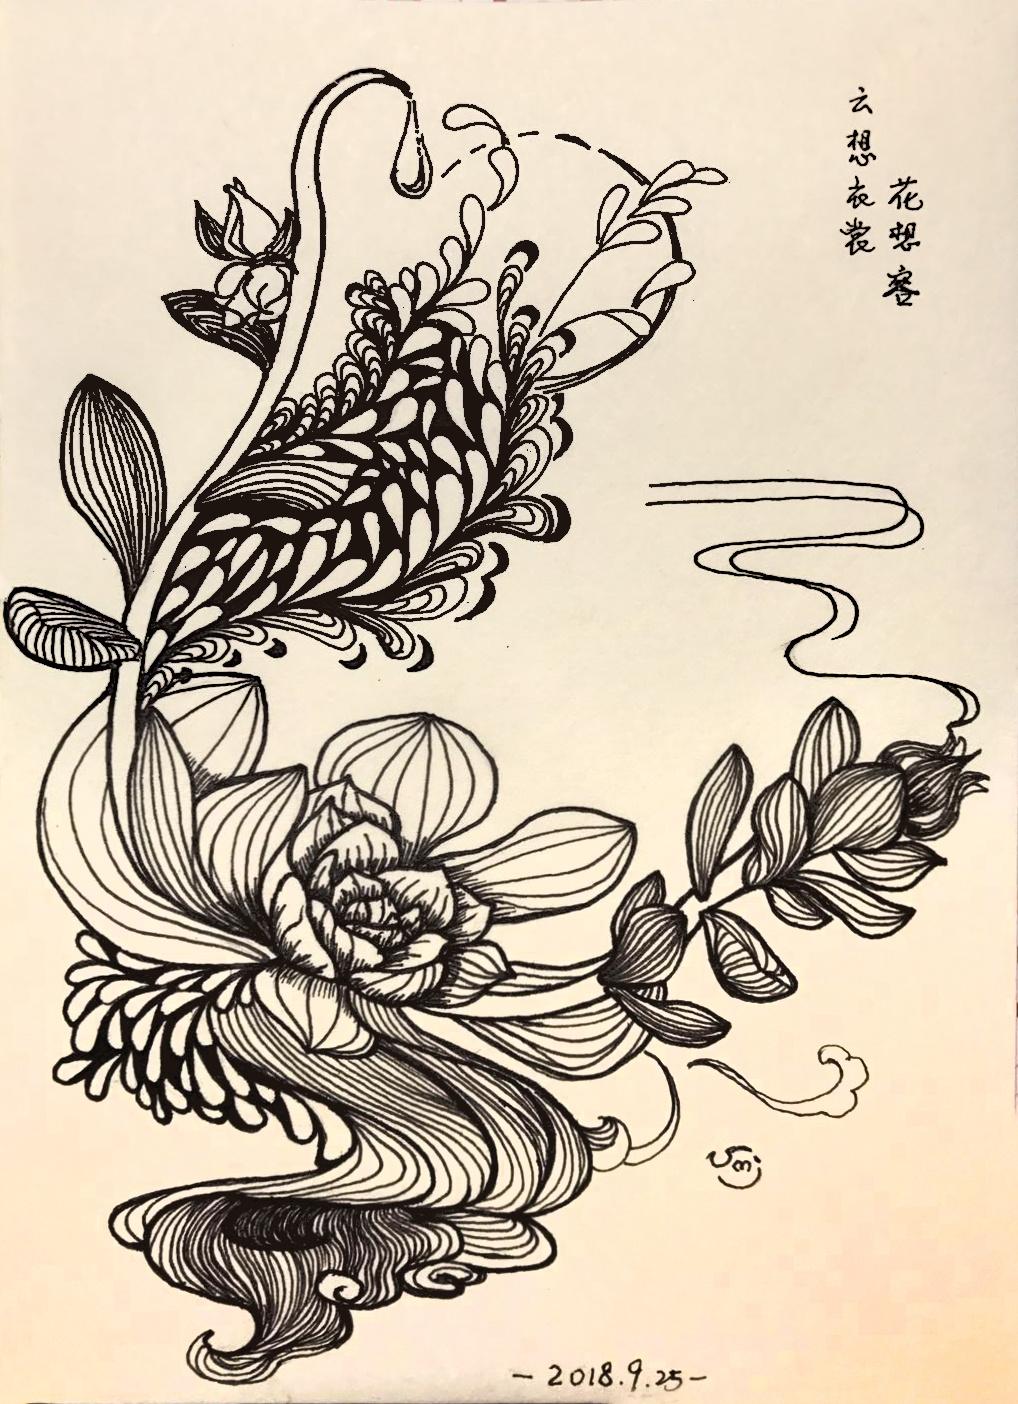 装饰画 插画 手绘 黑白